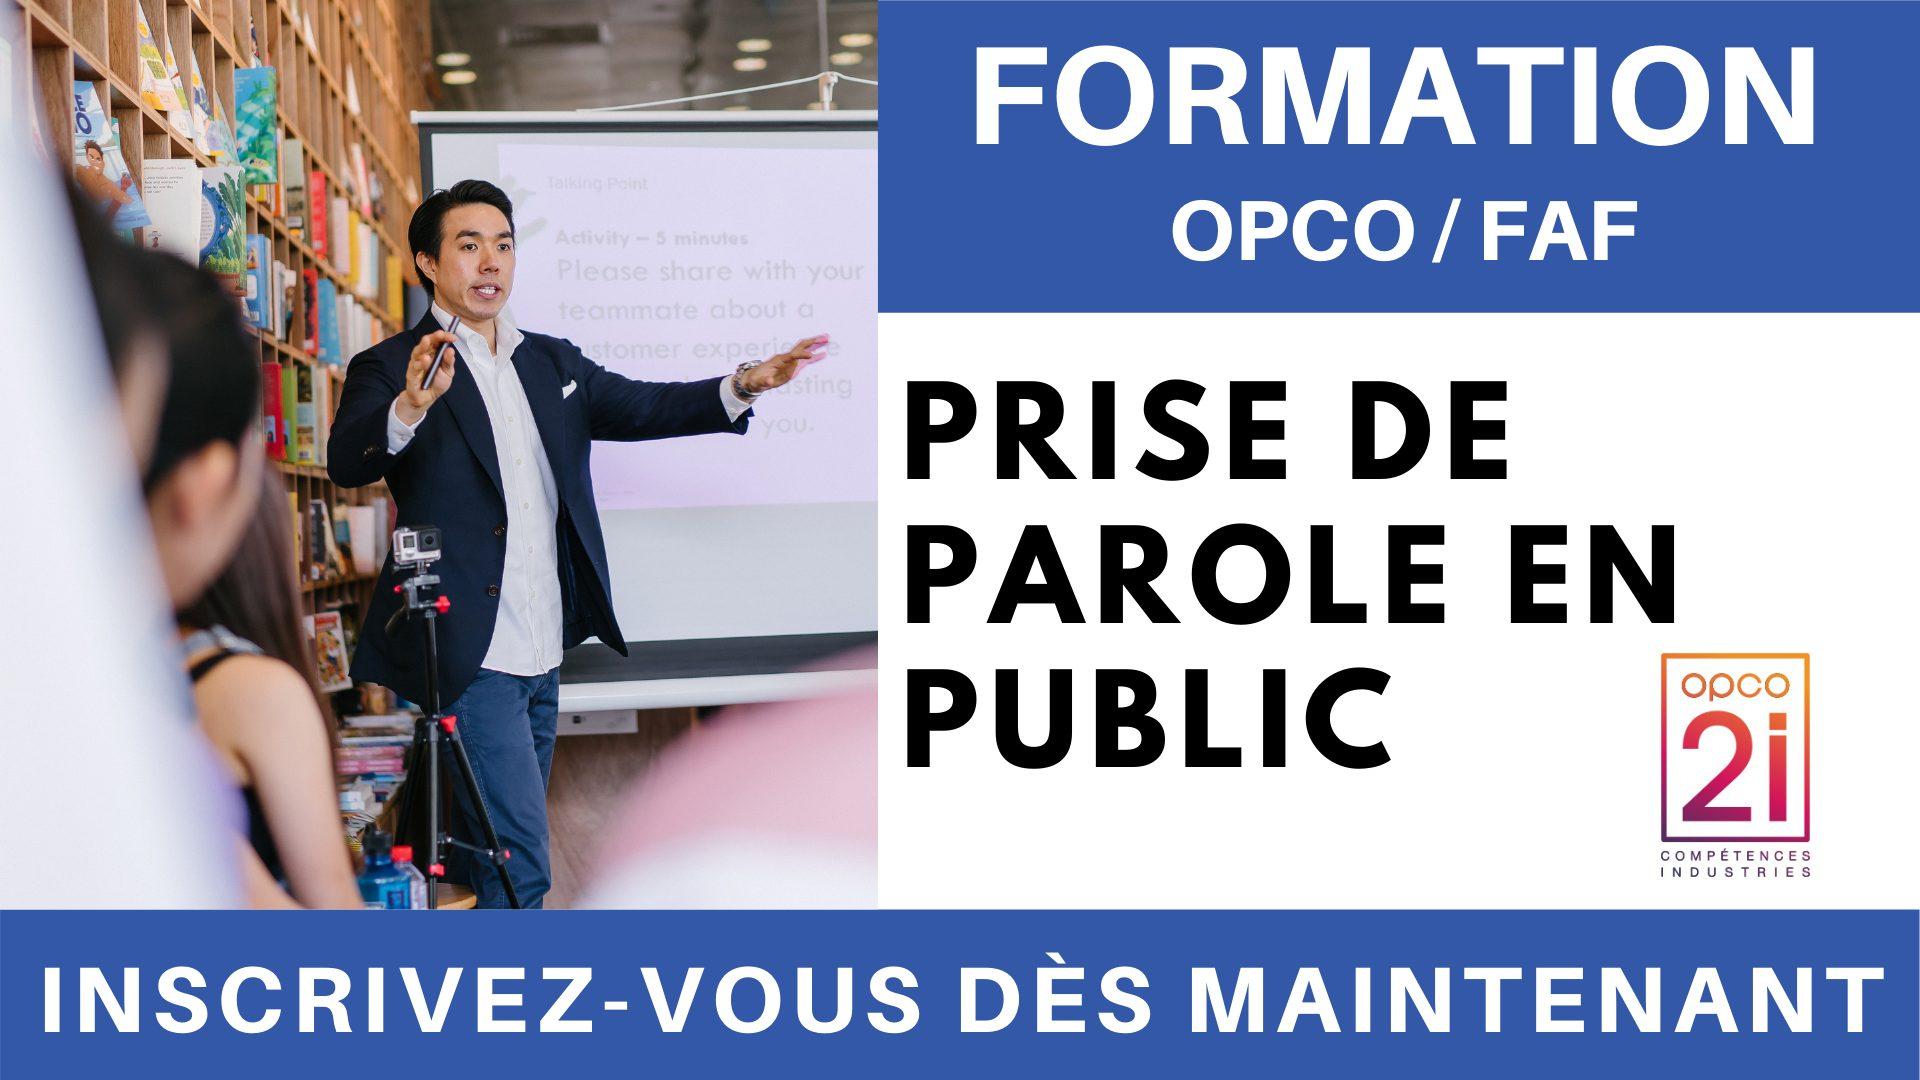 Formation OPCO FAF - Prise de parole en public